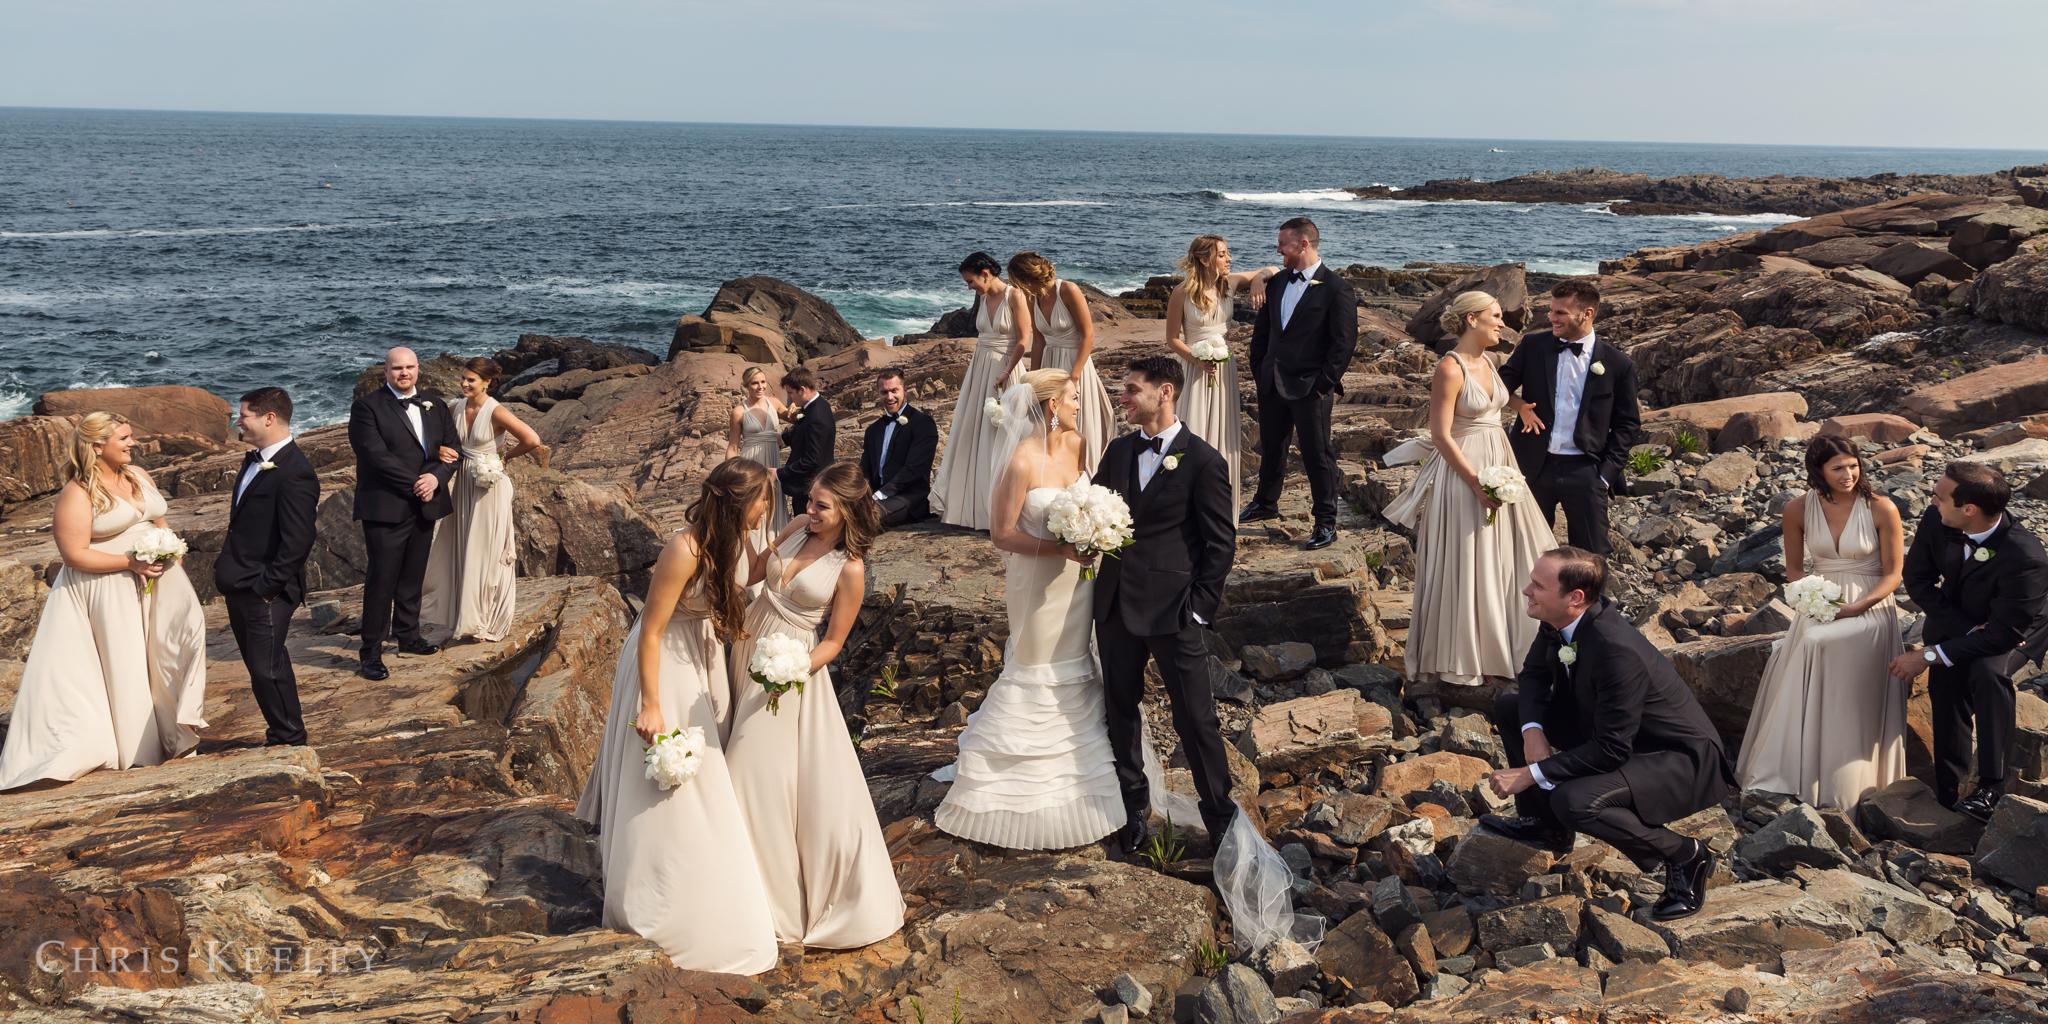 cliff-house-maine-wedding-photographer-chris-keeley-40.jpg